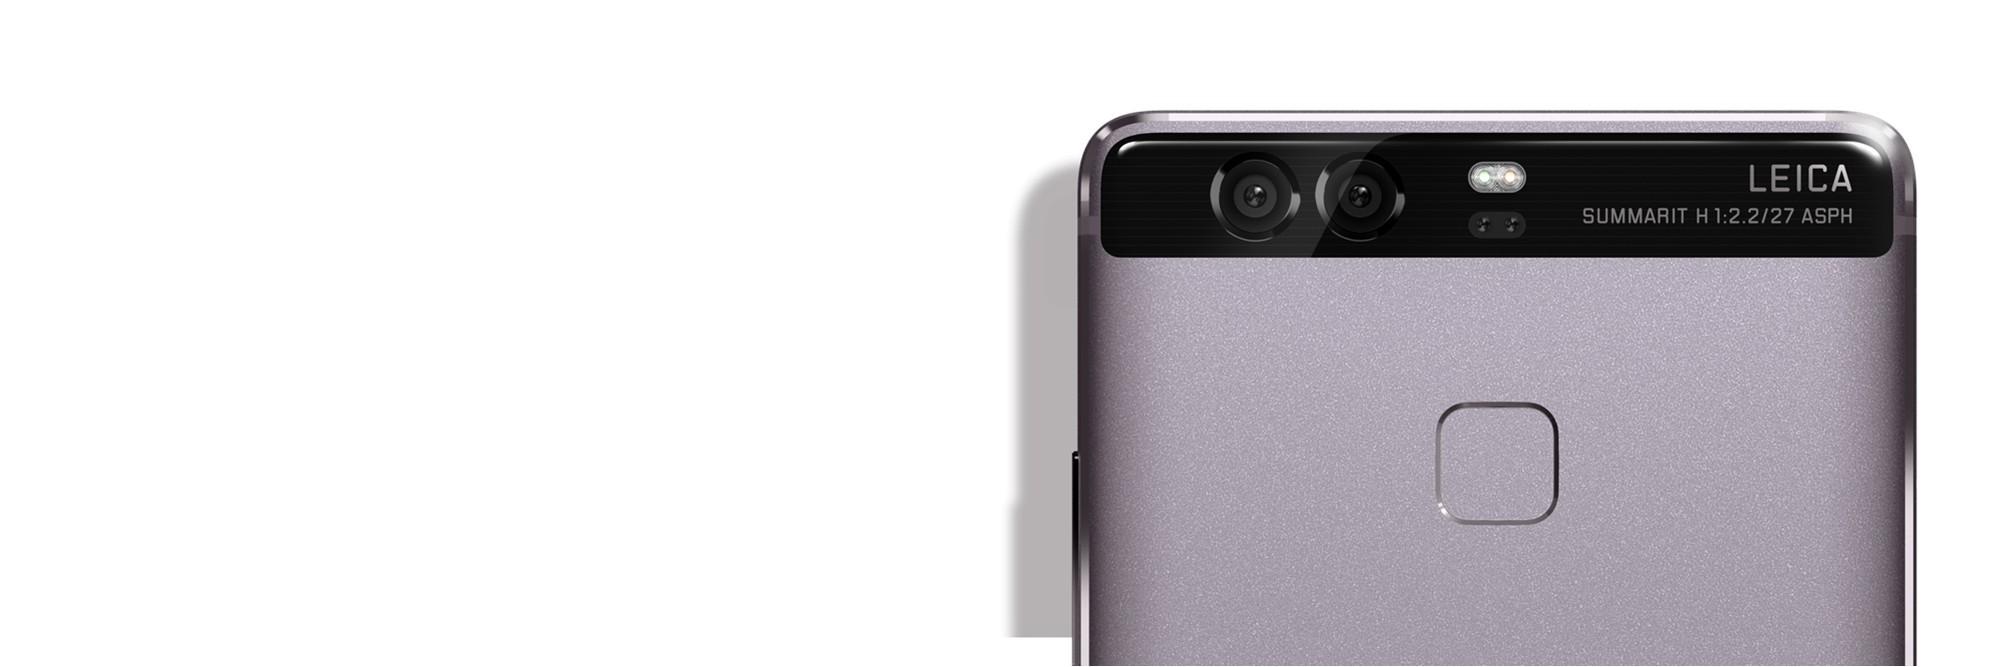 Huawei ponuja zanesljiv čitalec, ki navdušuje s svojo hitrostjo.